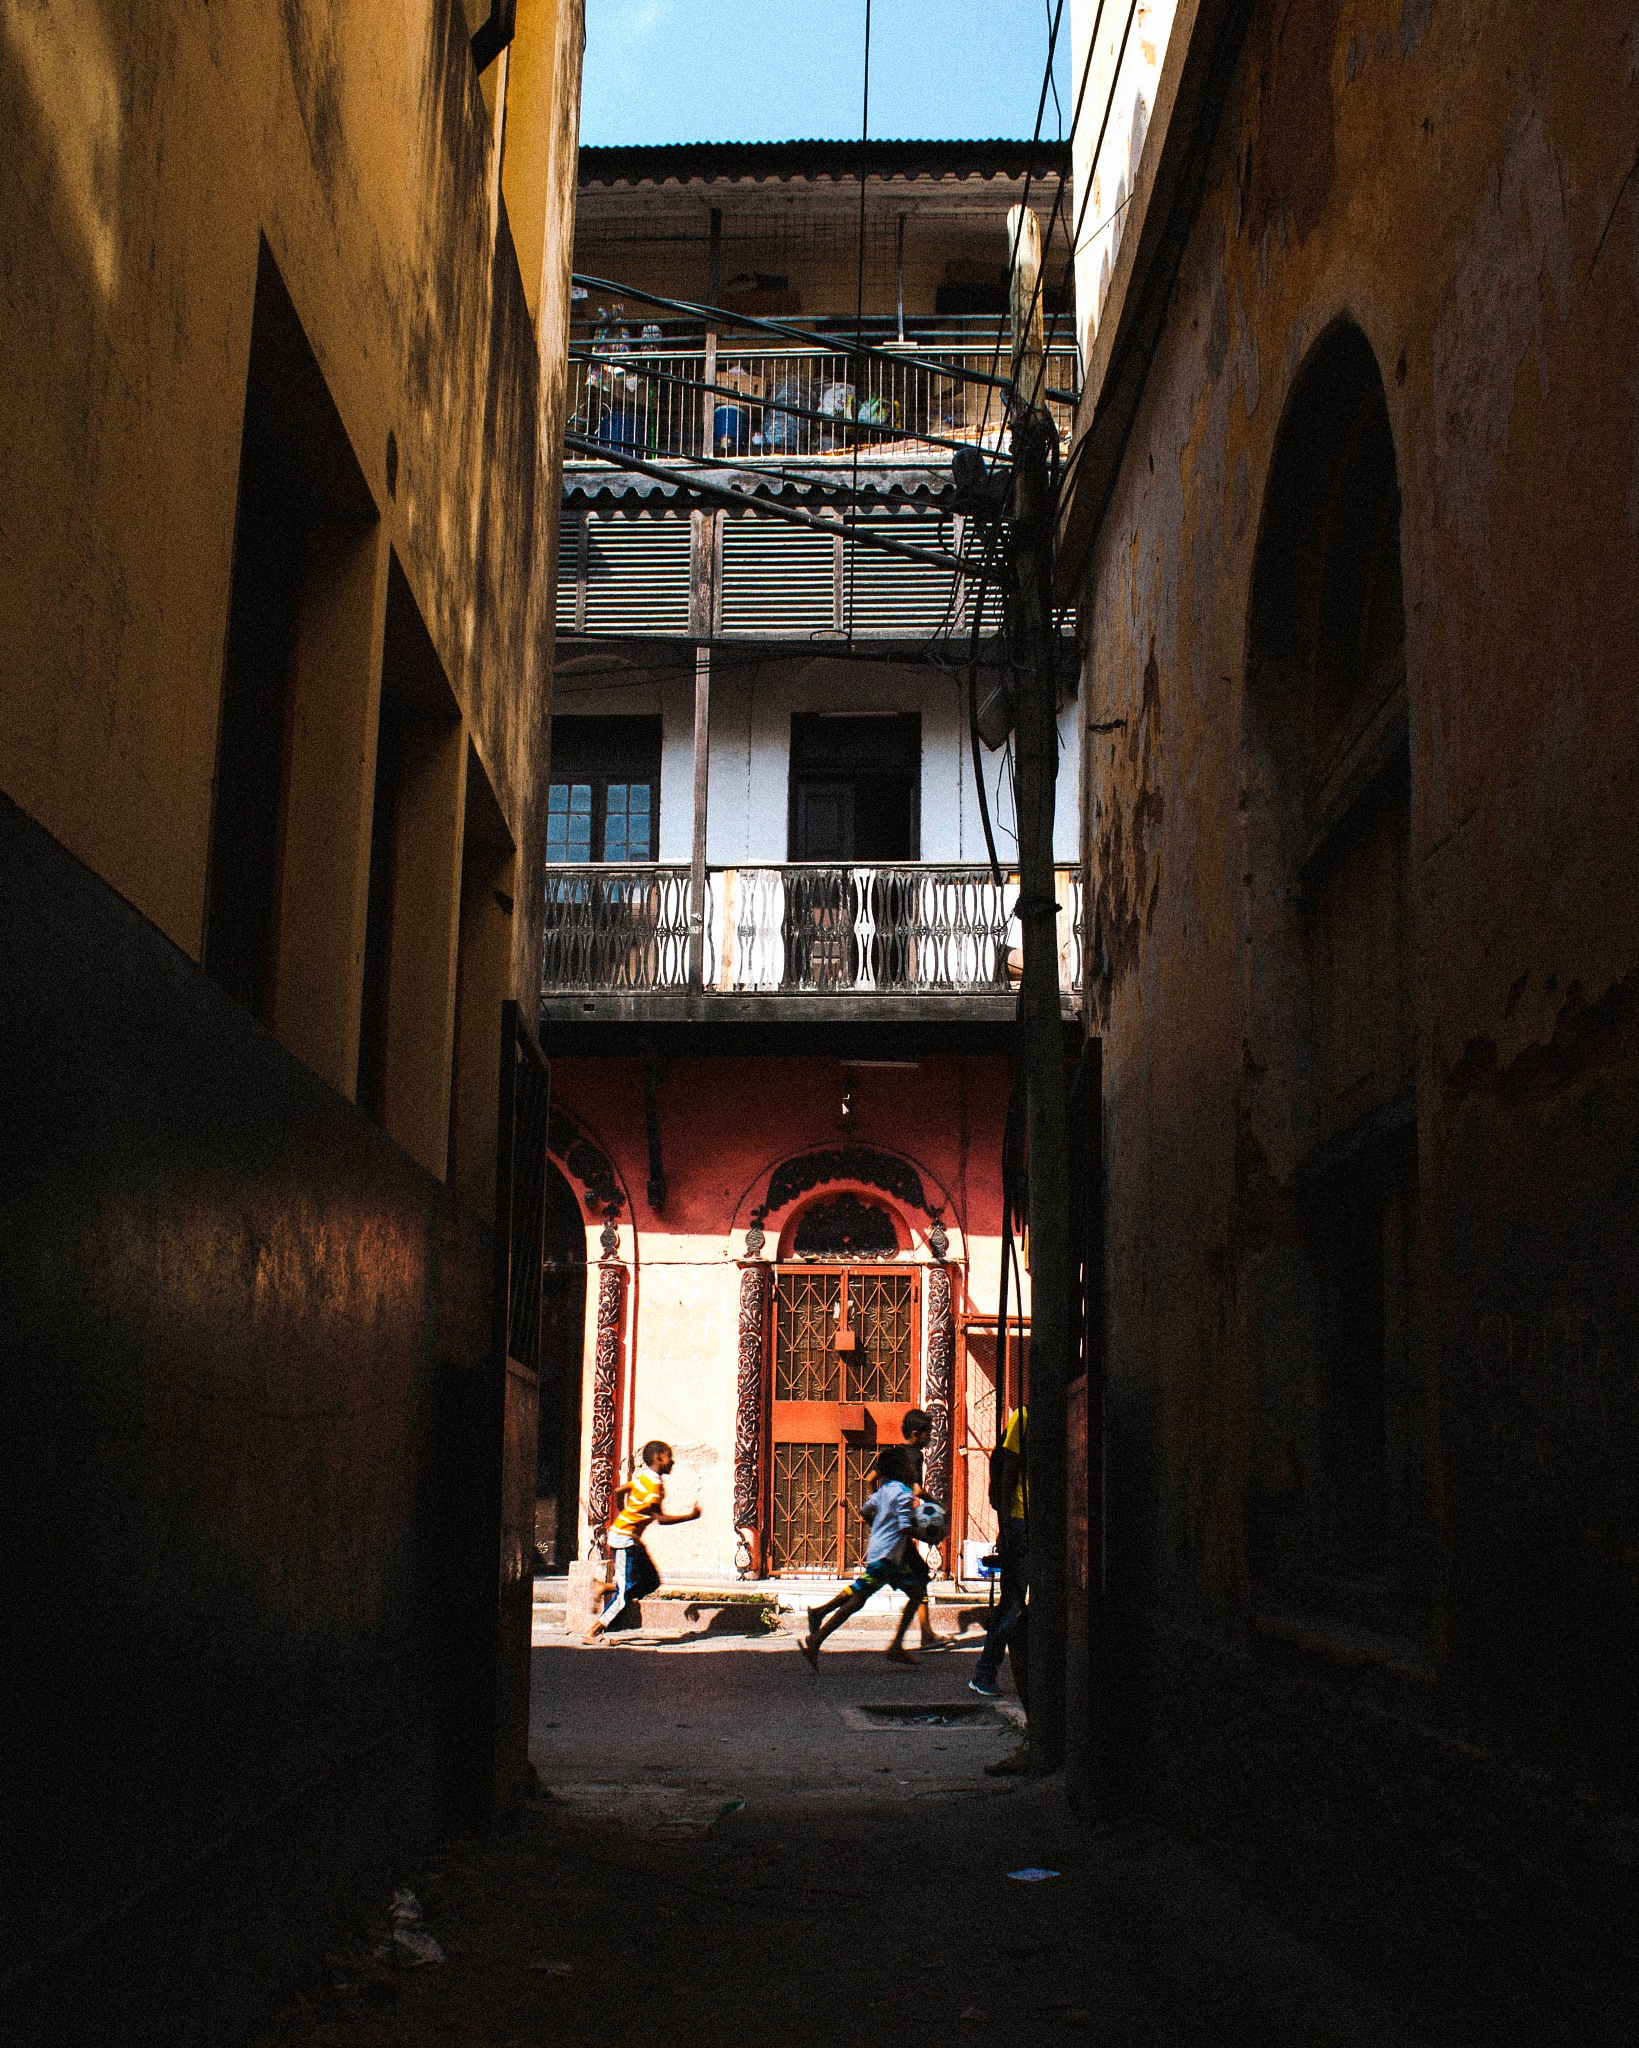 Dark Alleys by Tommie Ominde